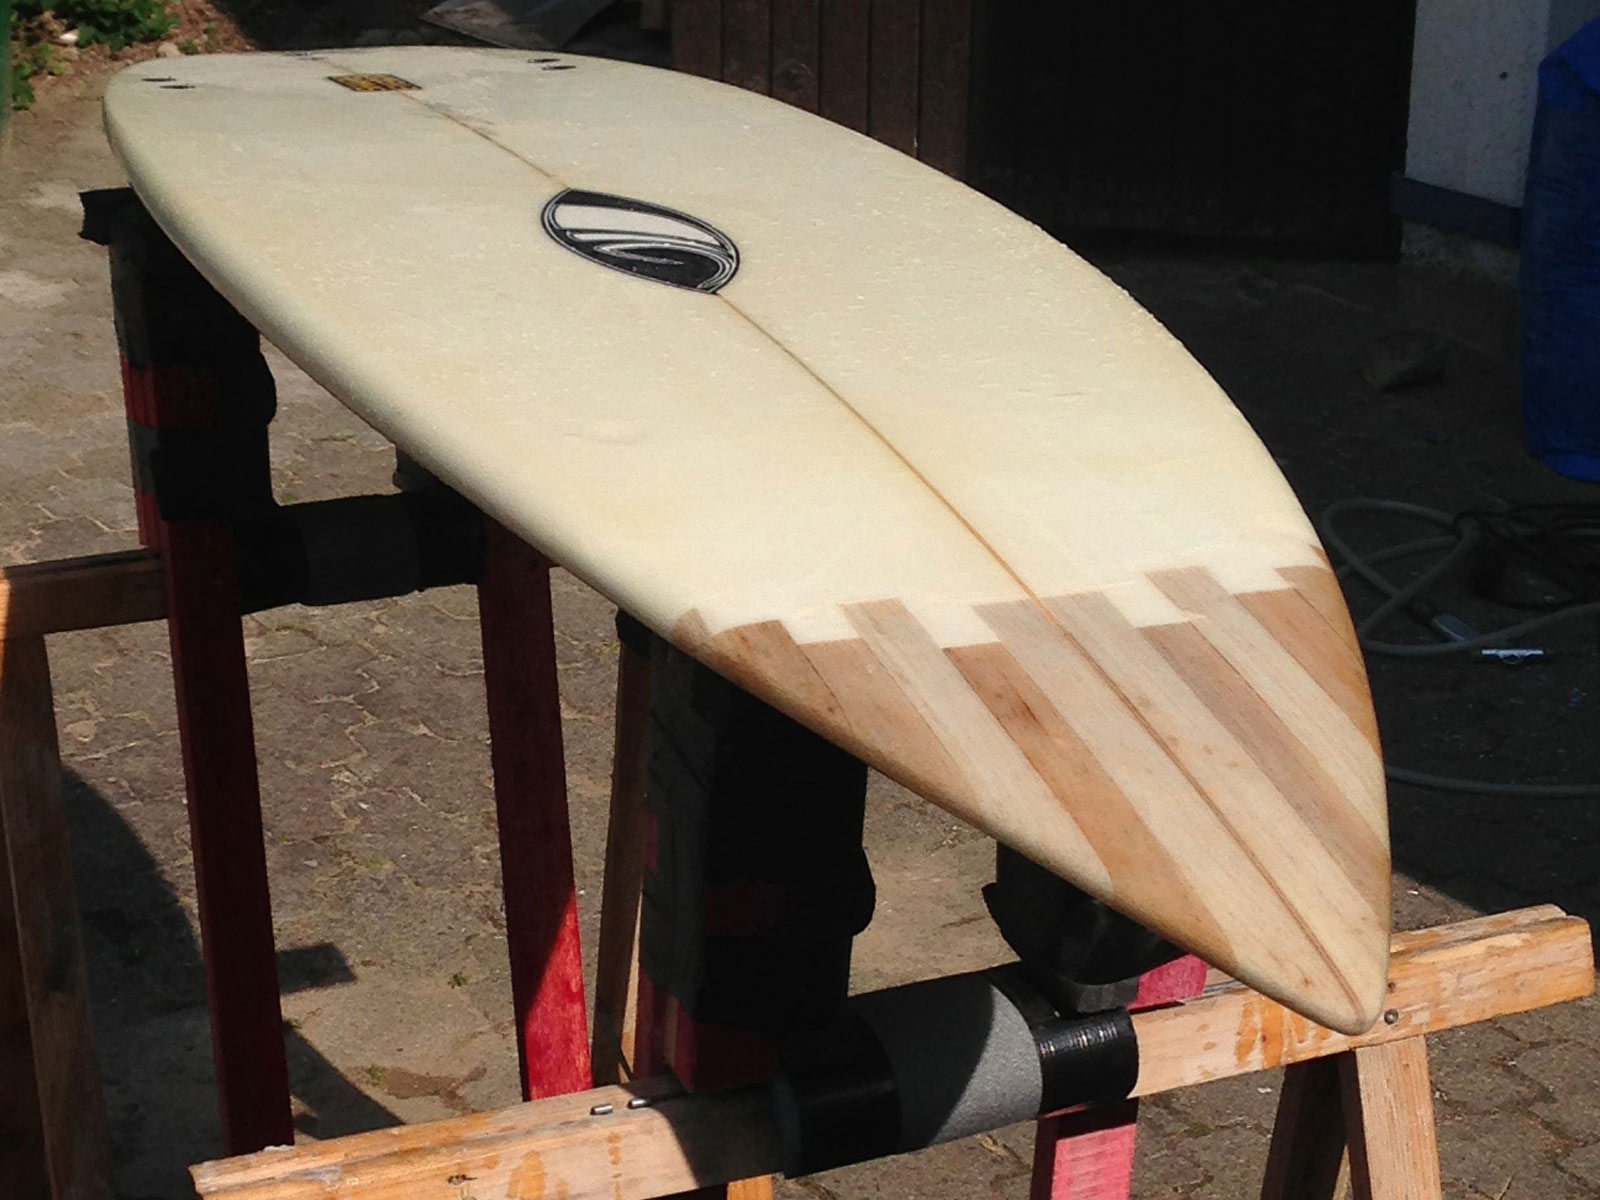 surfboard-repair-balsa-nose